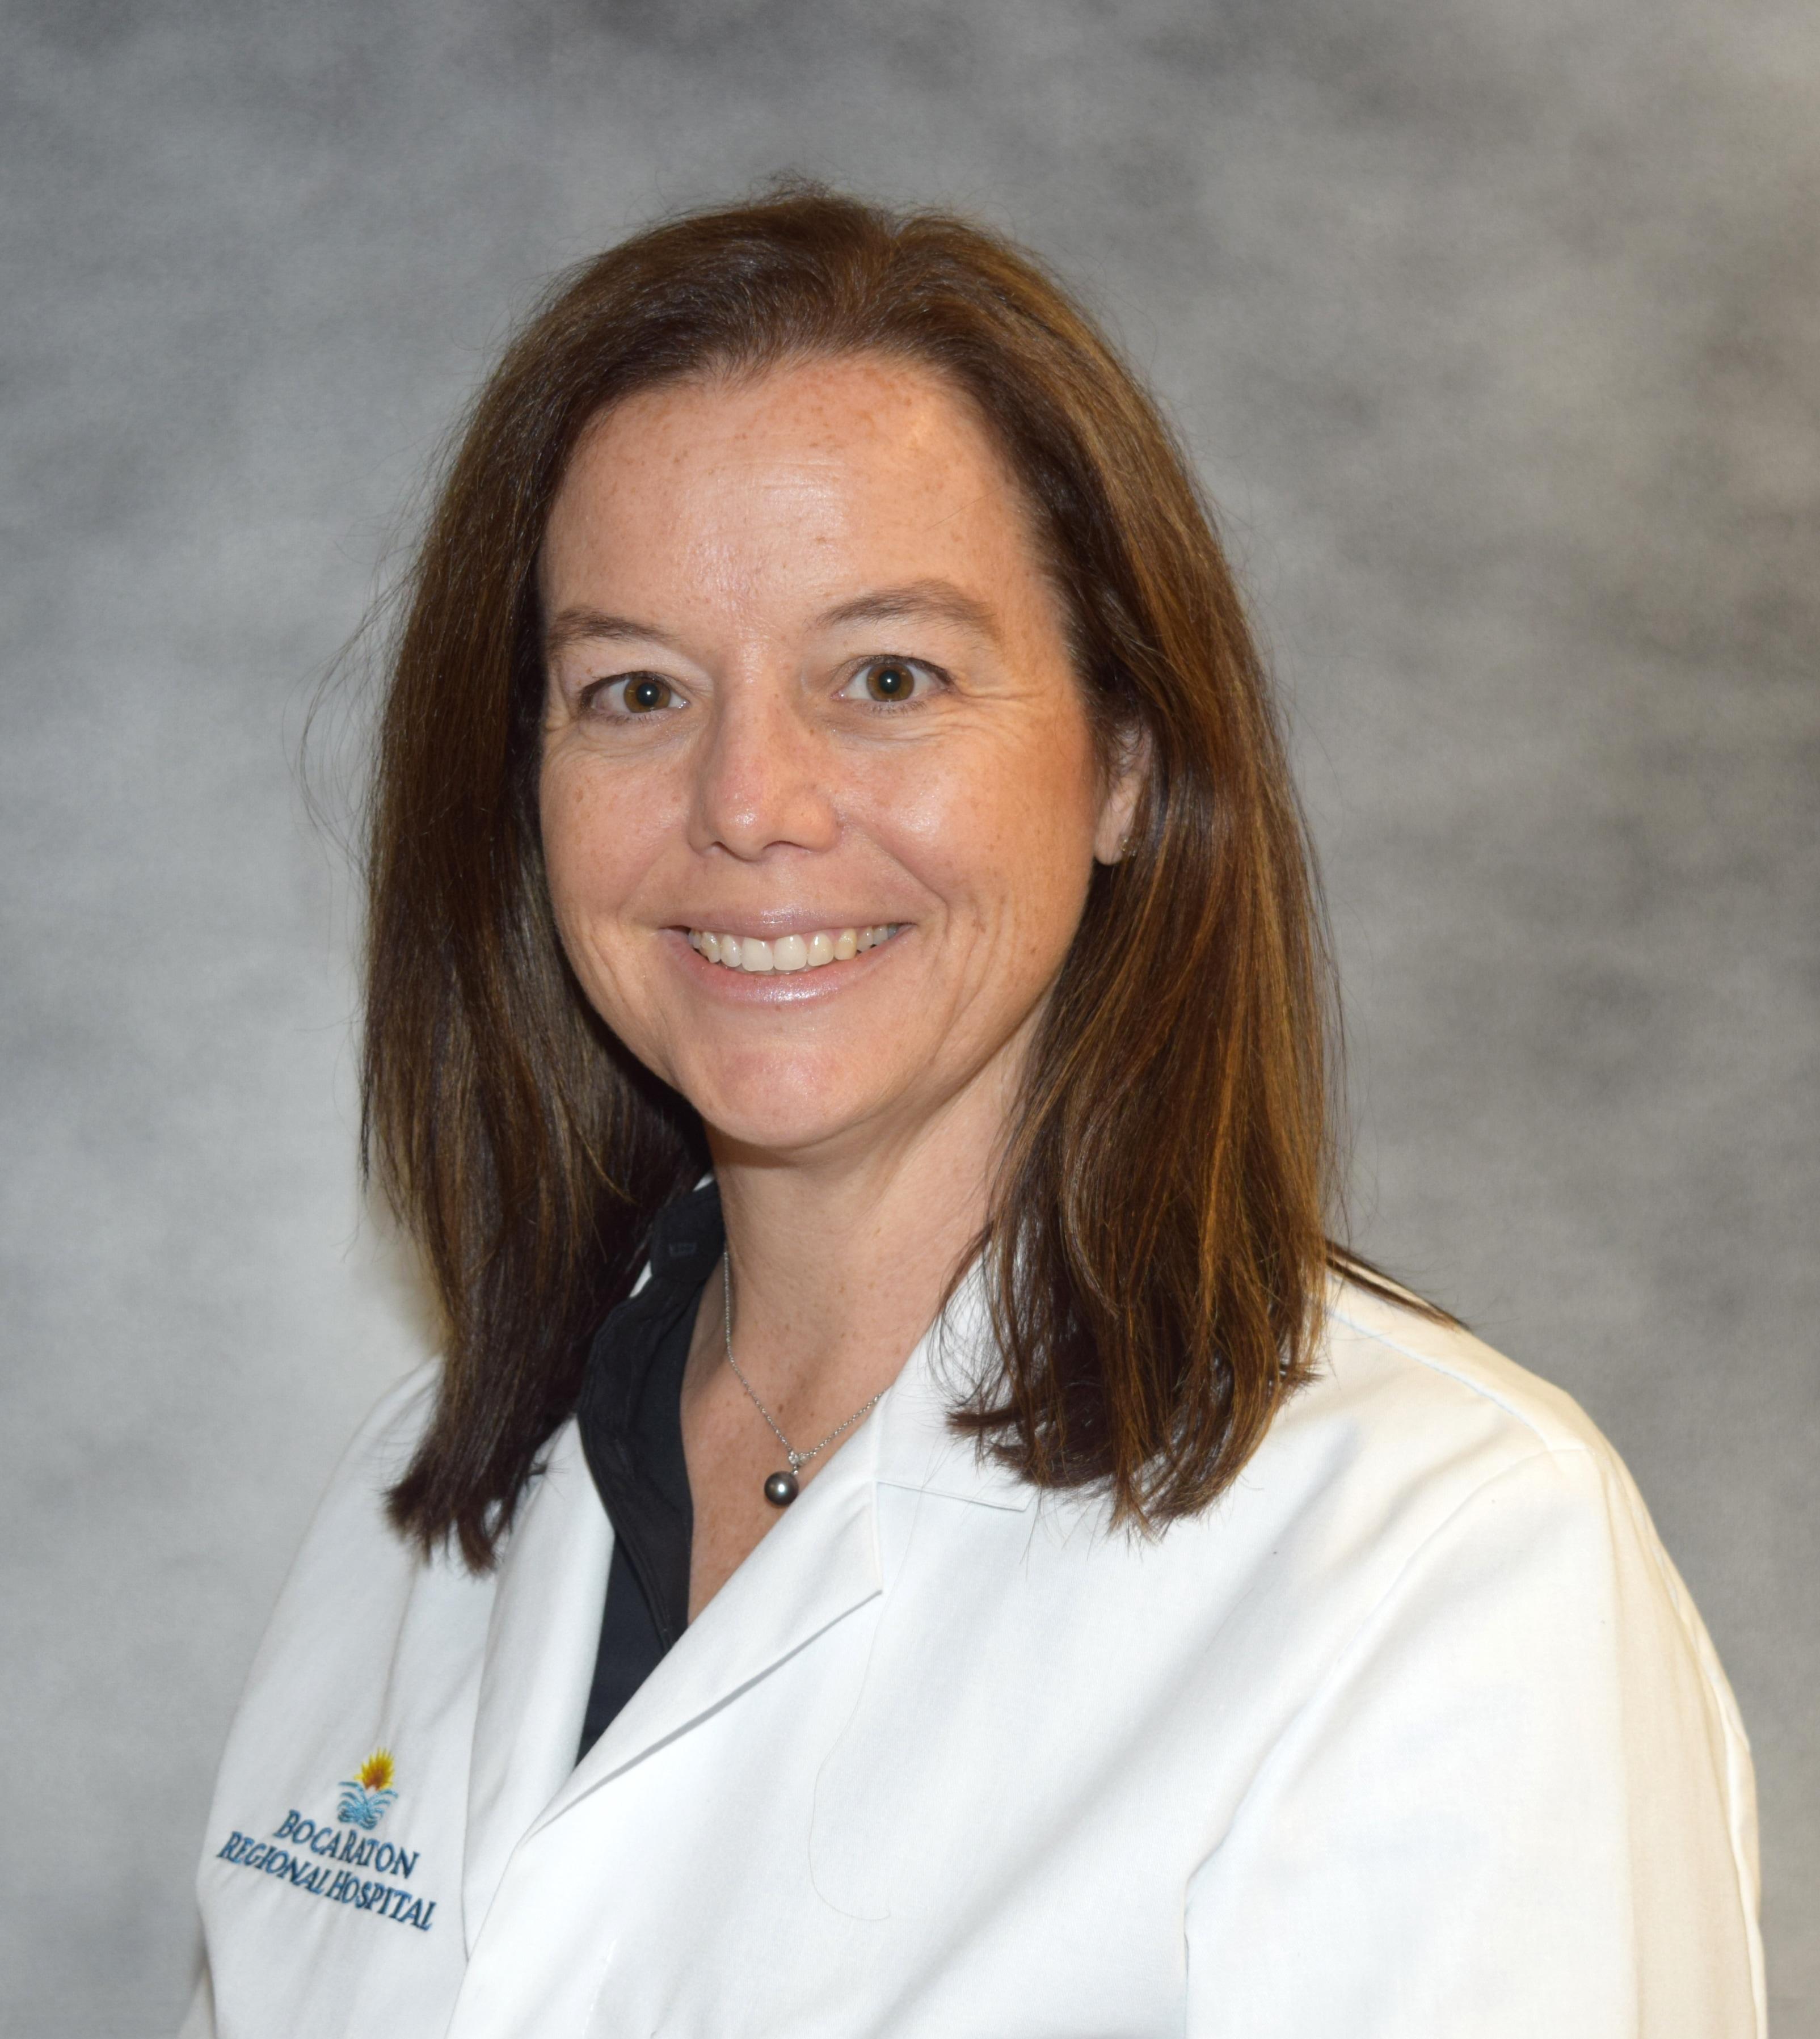 Dr. Sharon C Miller MD